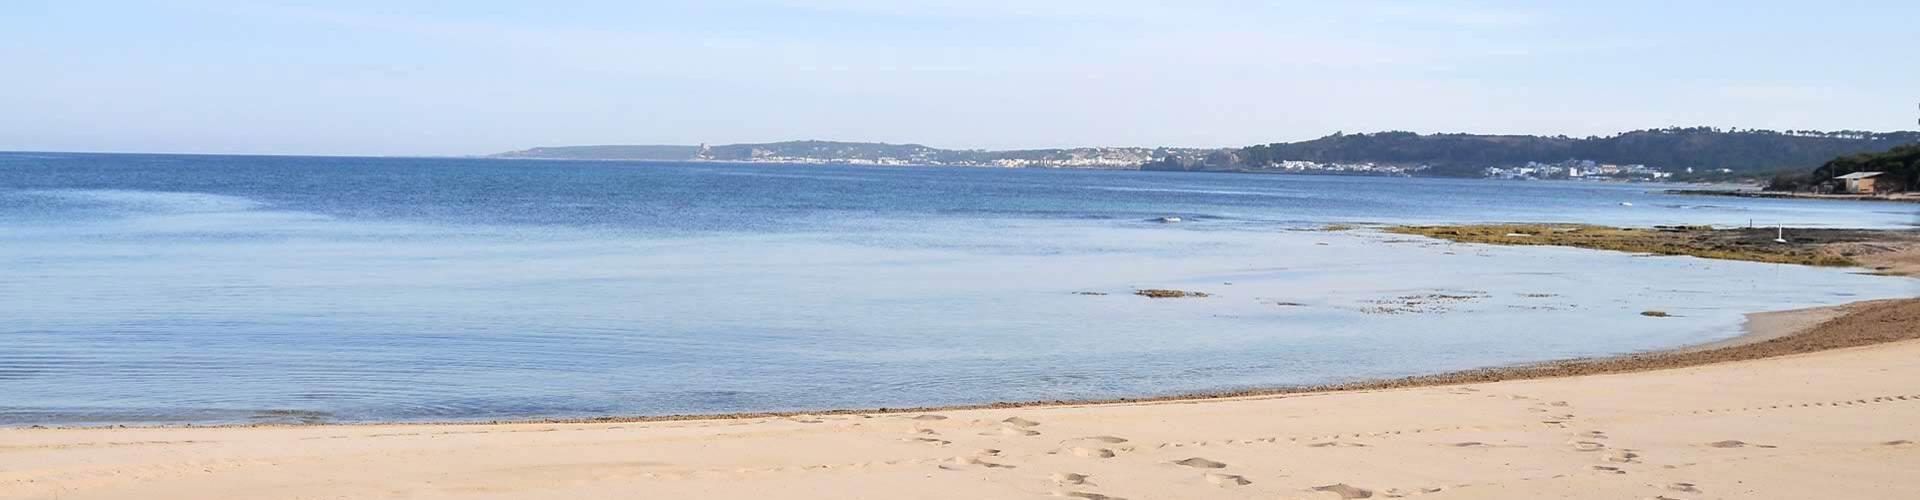 lavecchiatorregallipoli it spiaggia 008